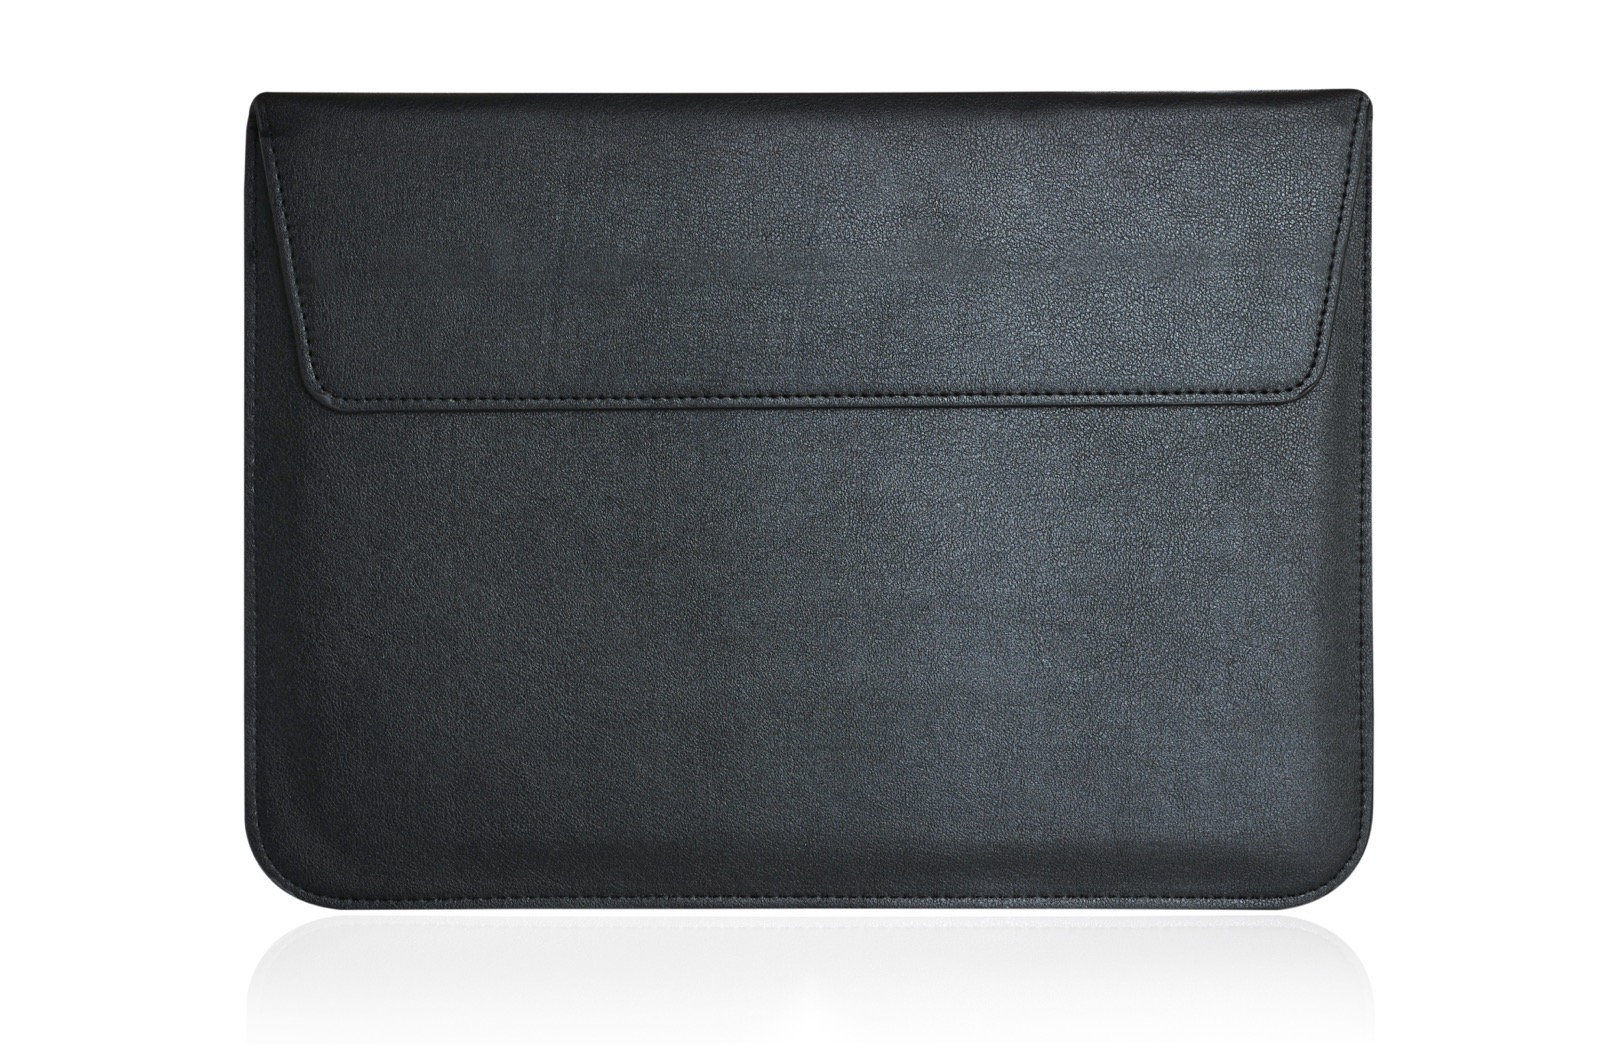 Чехол для ноутбука Gurdini папка с подставкой эко кожа для Macbook Pro Retina 15/Macbook Pro Retina 15(USB-C), черный uniq dfender для macbook pro 15 черный